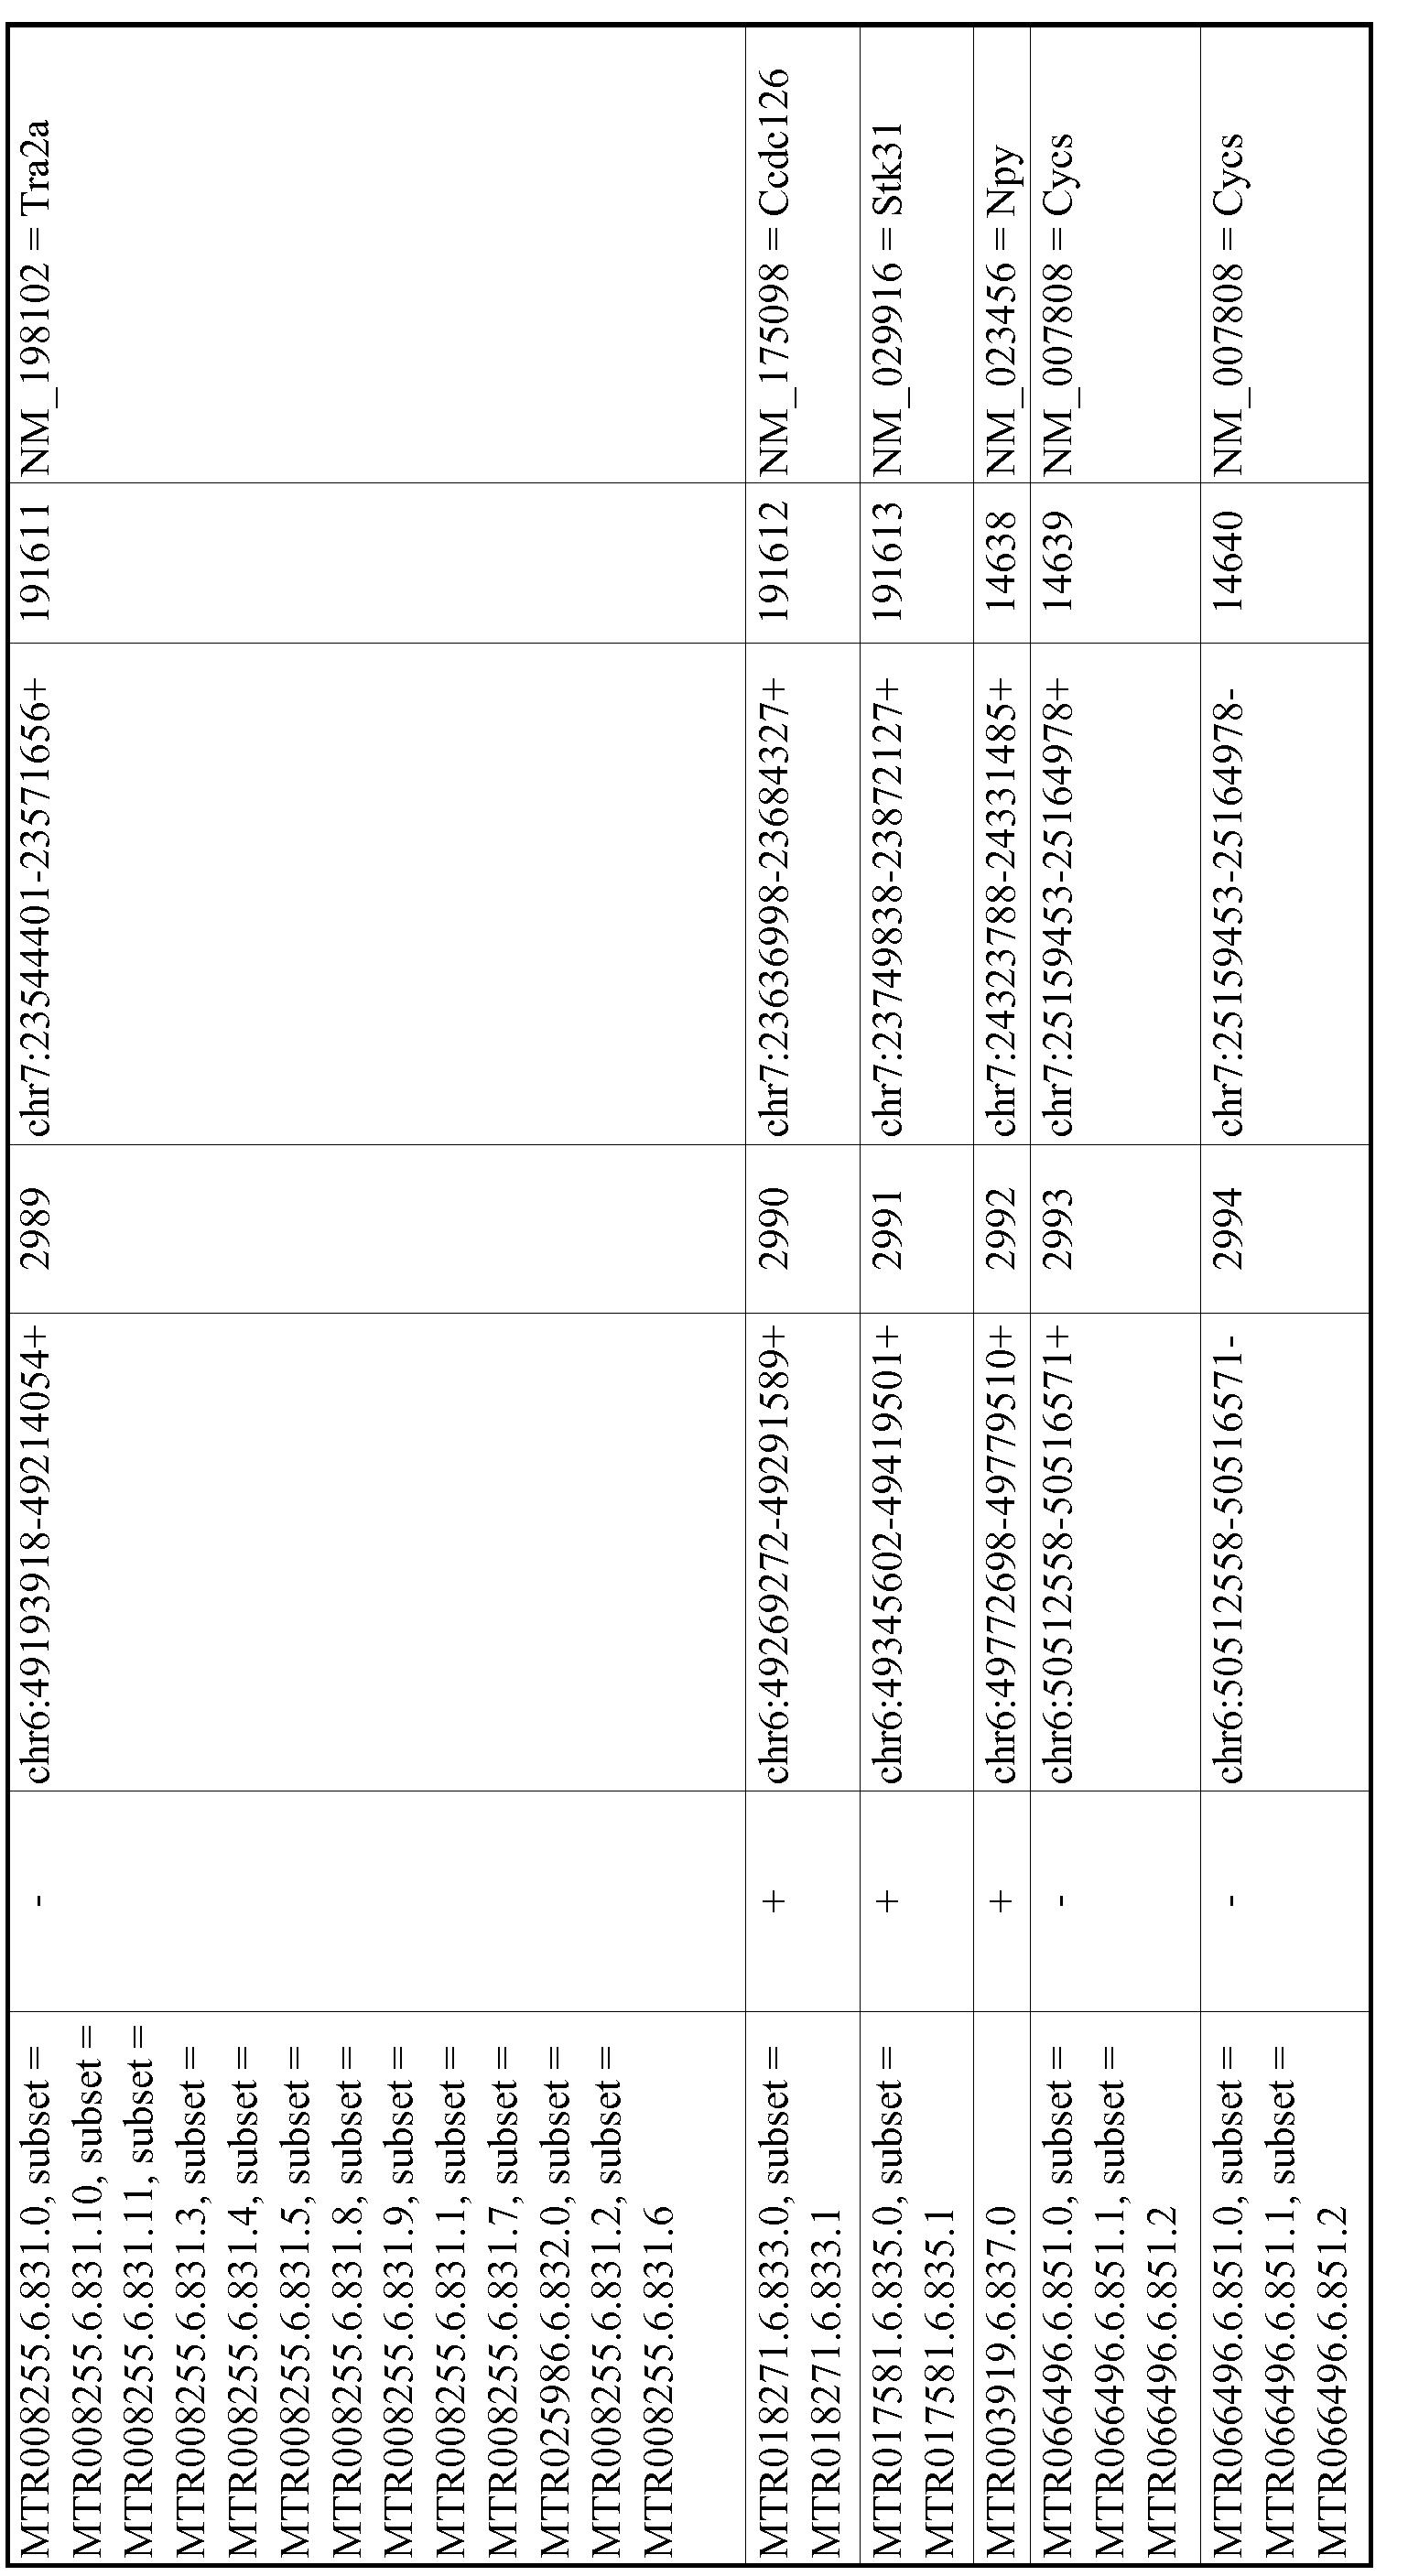 Figure imgf000603_0001